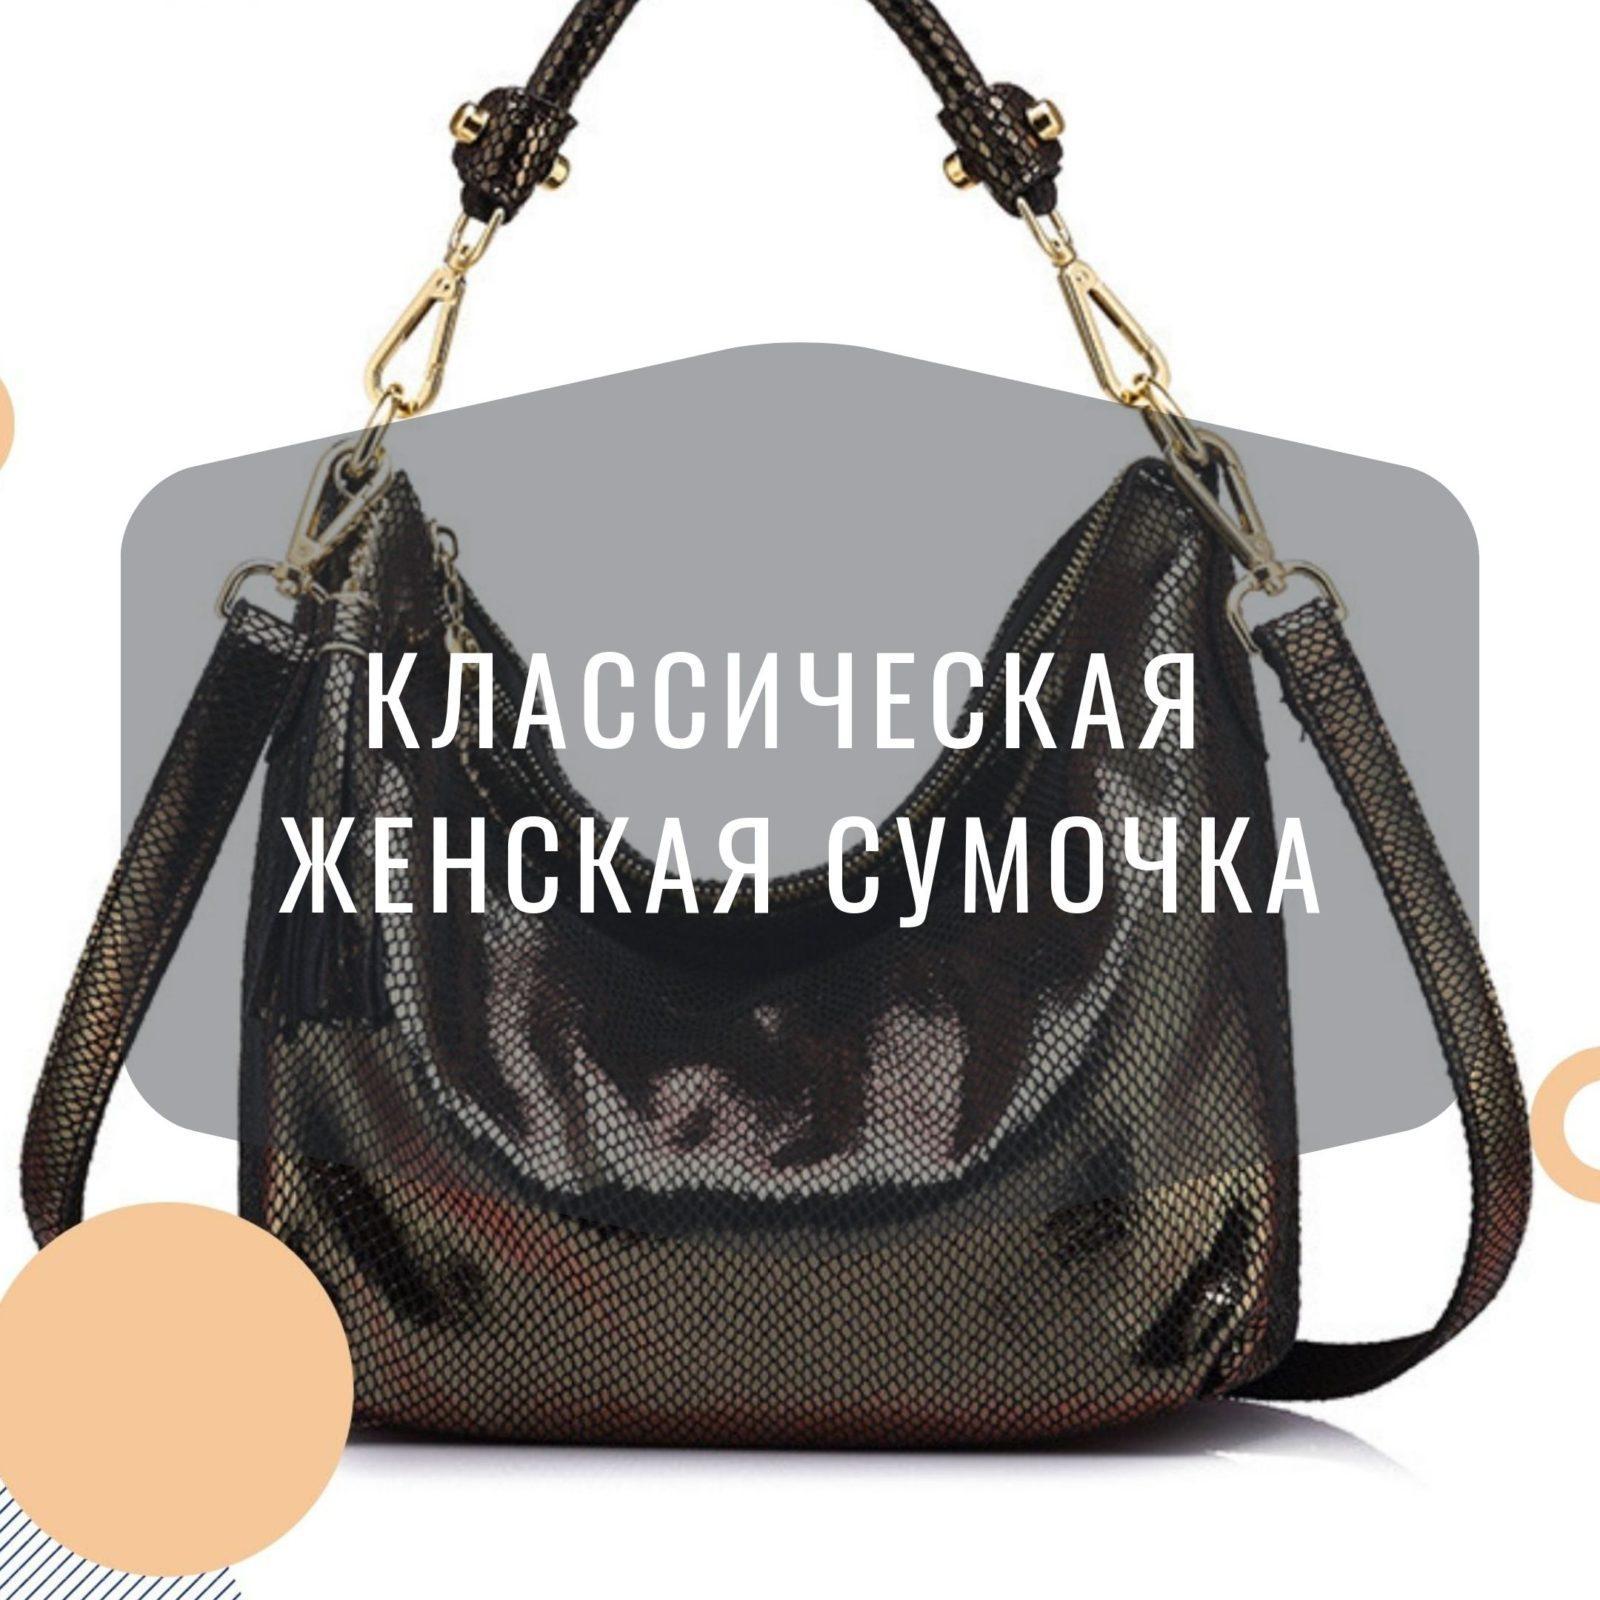 Модный аксессуар 2019 года: классическая сумочка